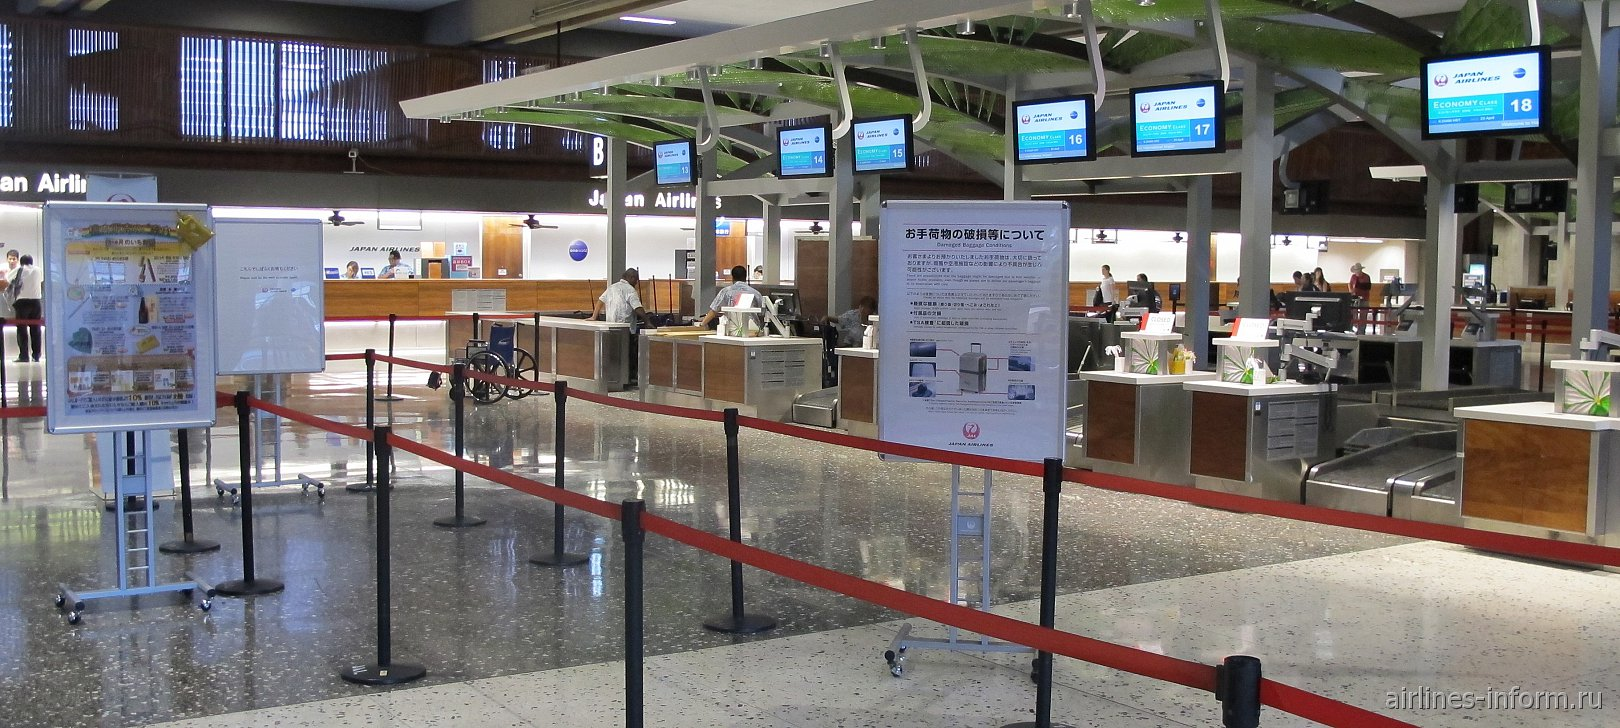 Зона регистрации Японских авиалиний в аэропорту Гонолулу